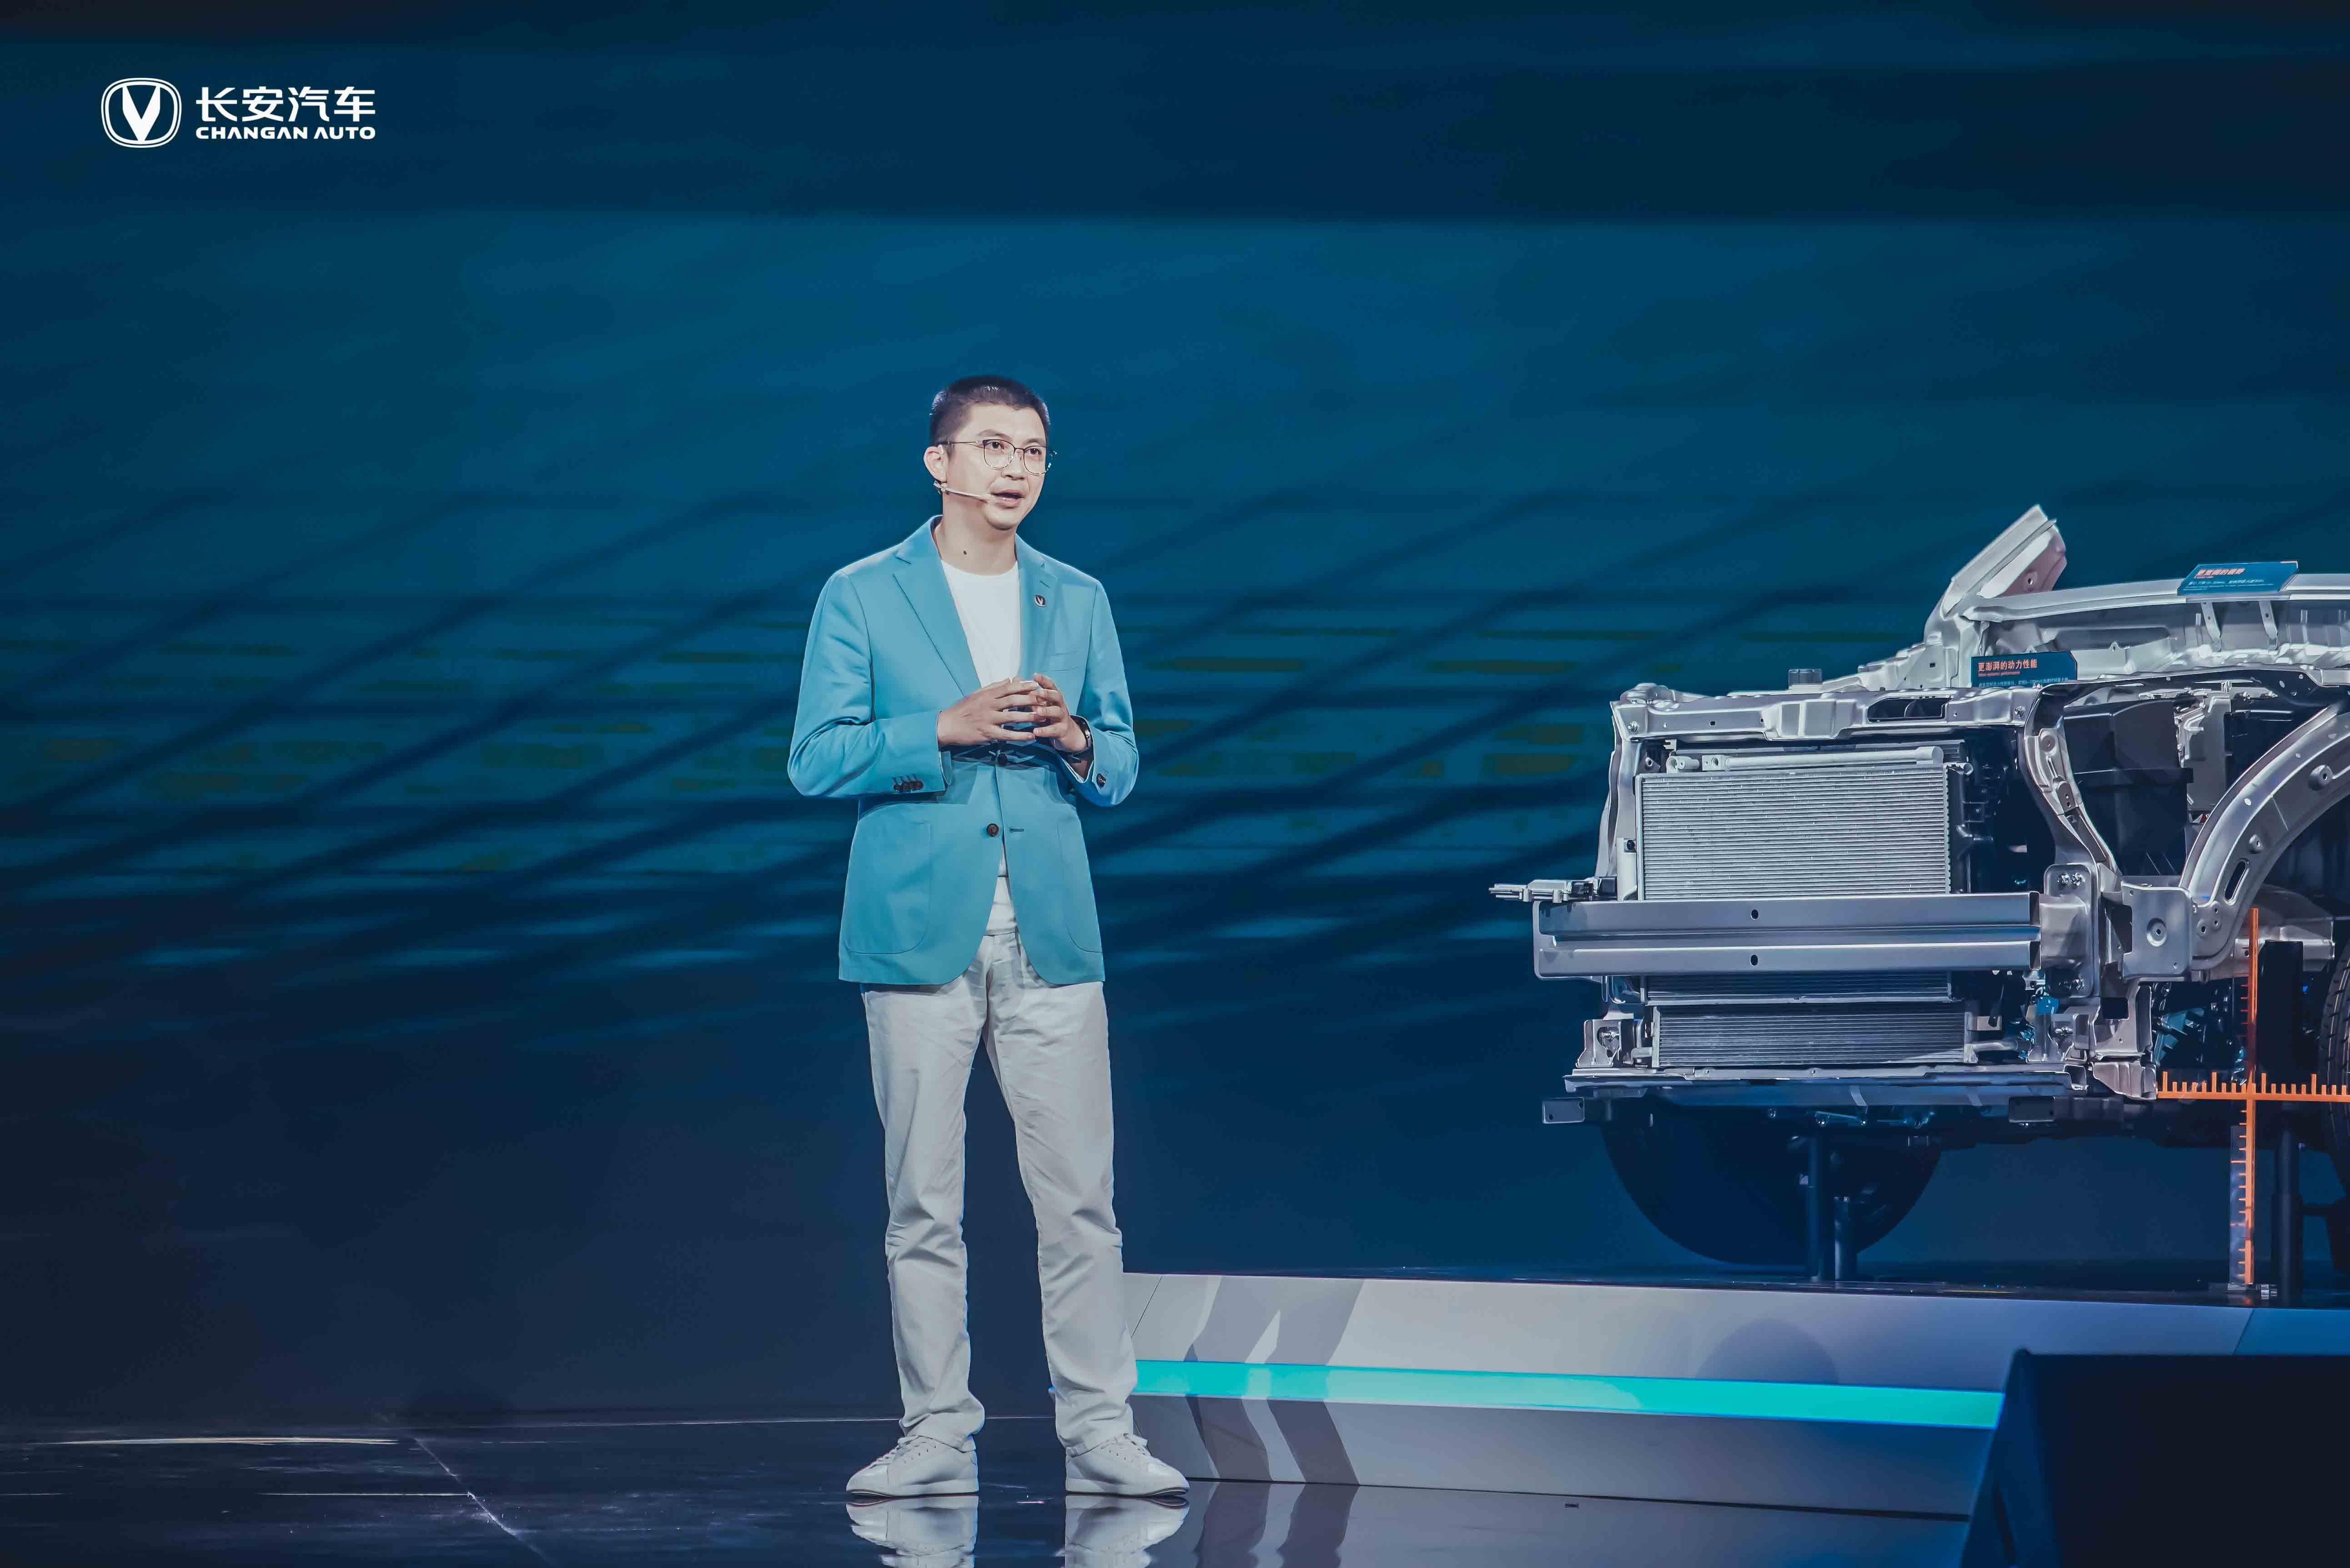 长安汽车联合华为、宁德时代,打造全新高端智能汽车品牌